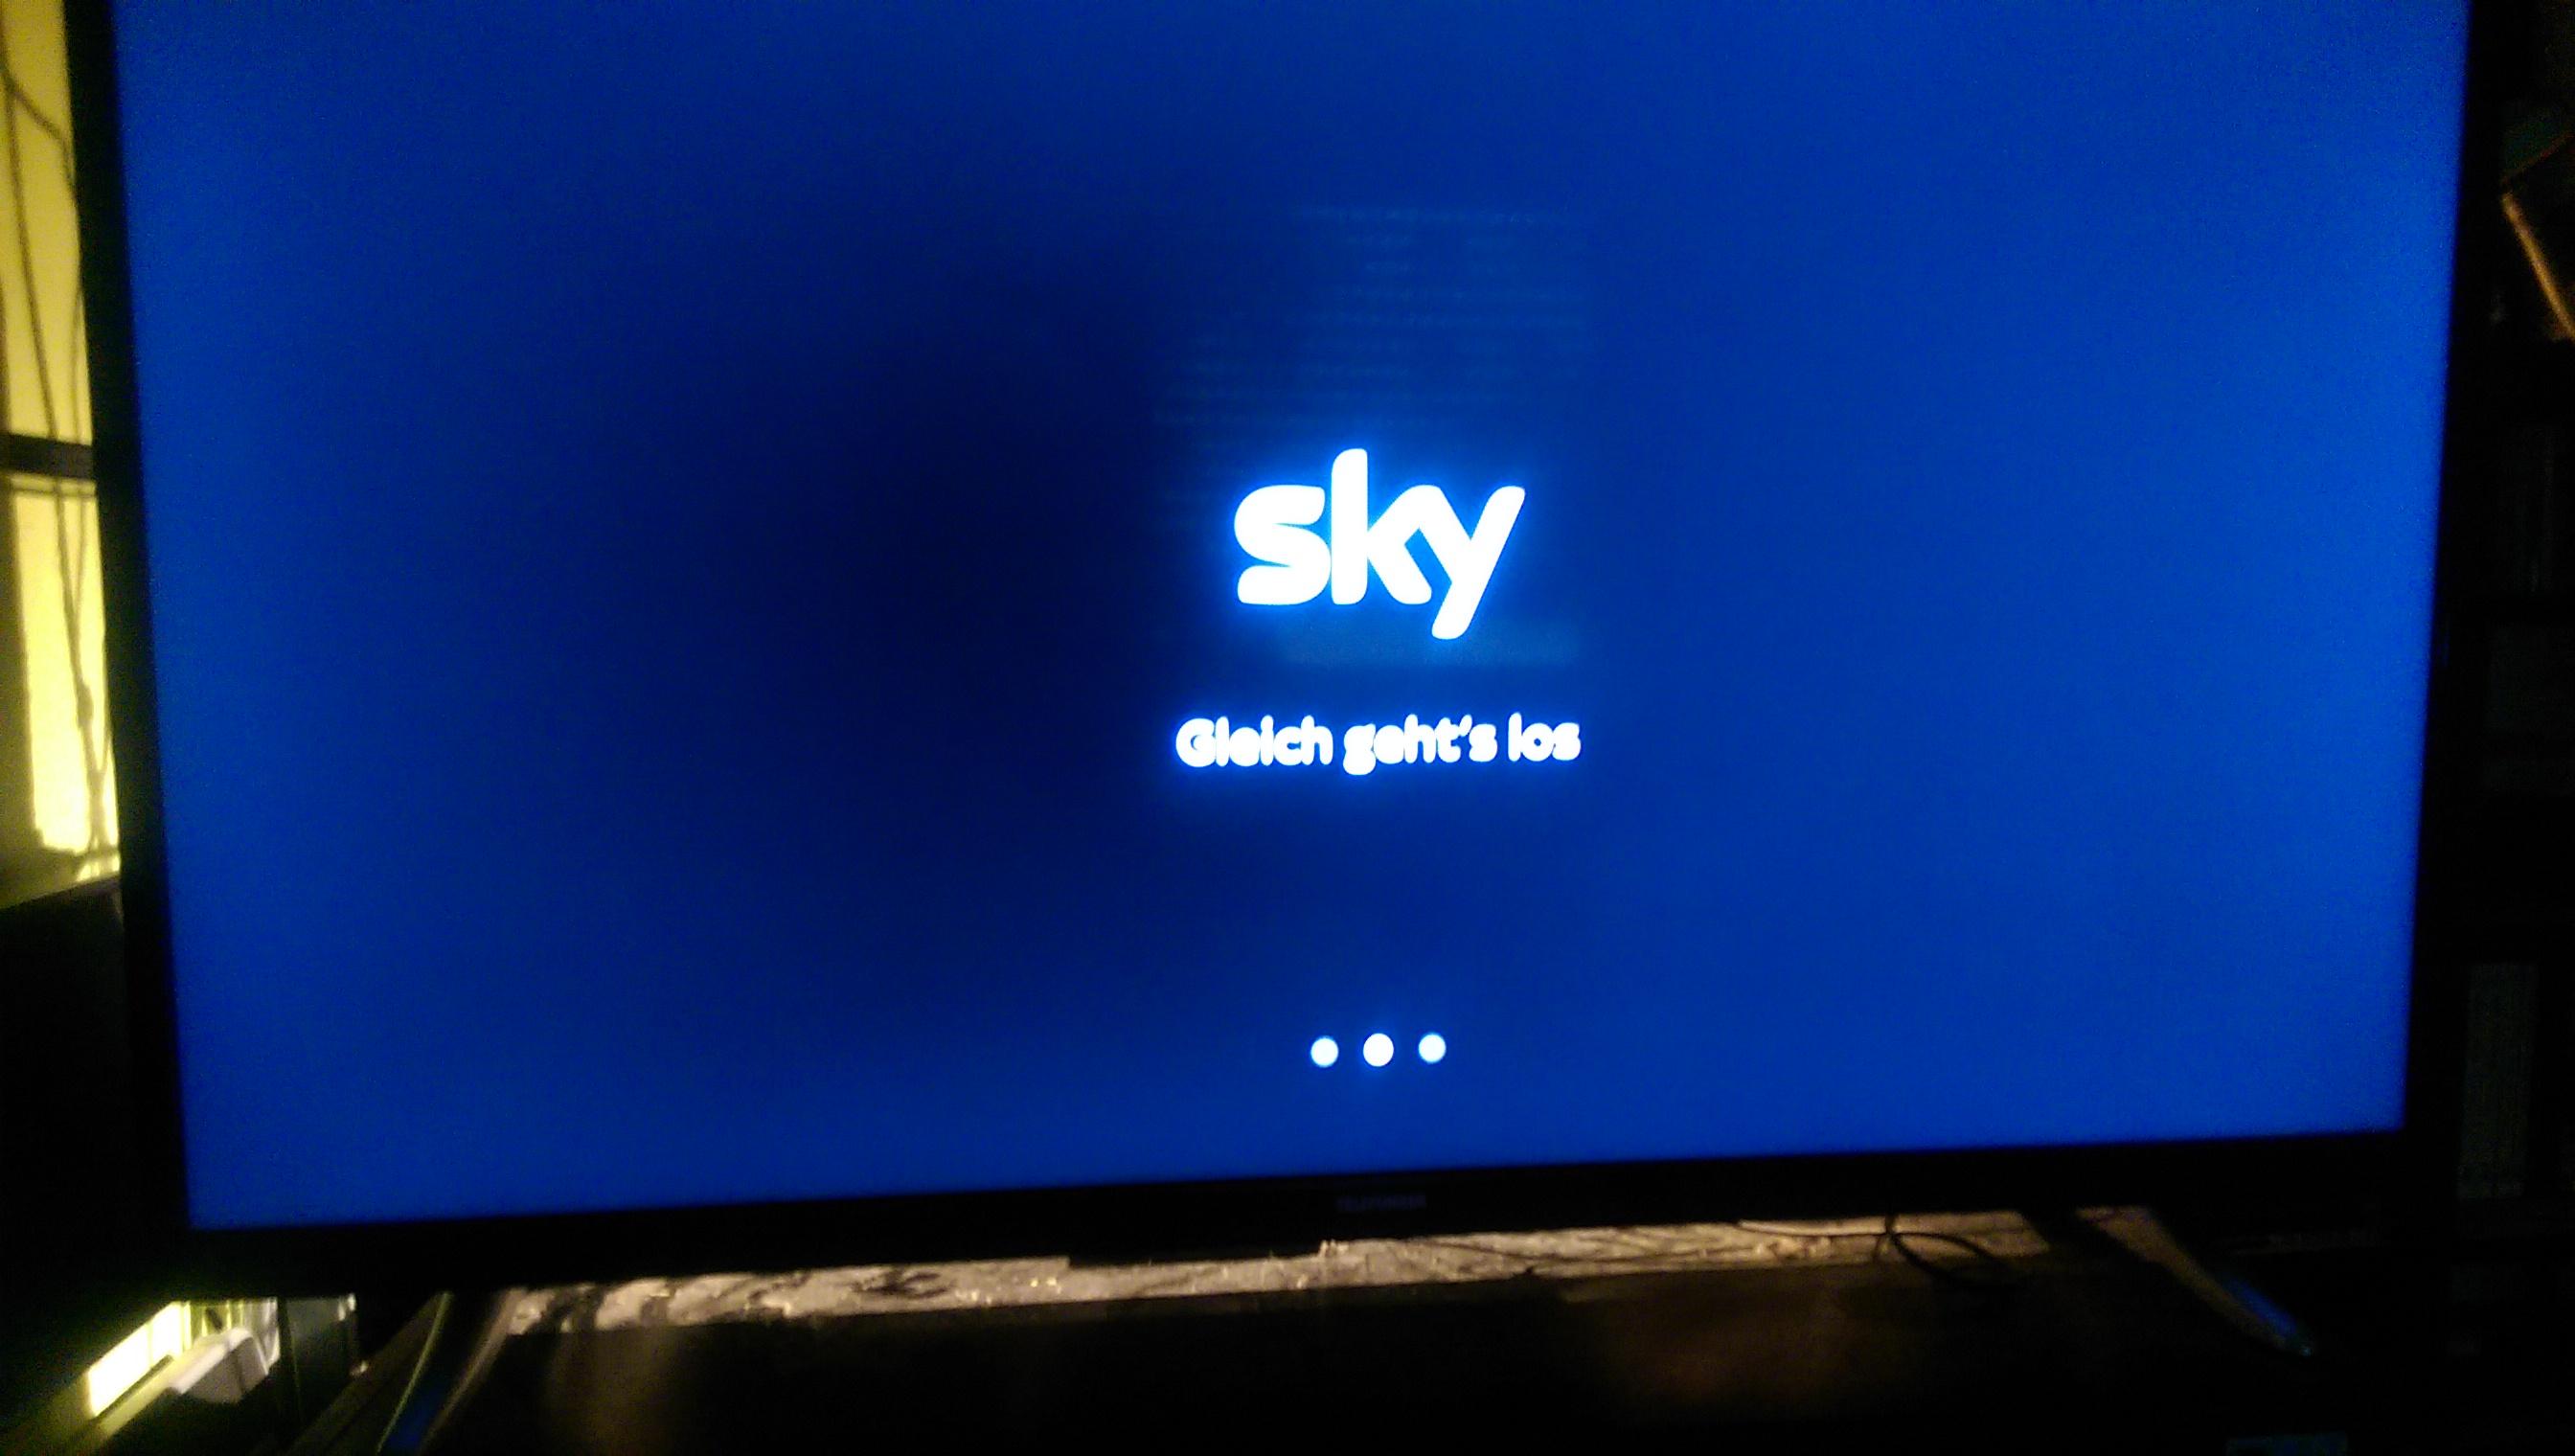 Sky Gleich Gehts Los